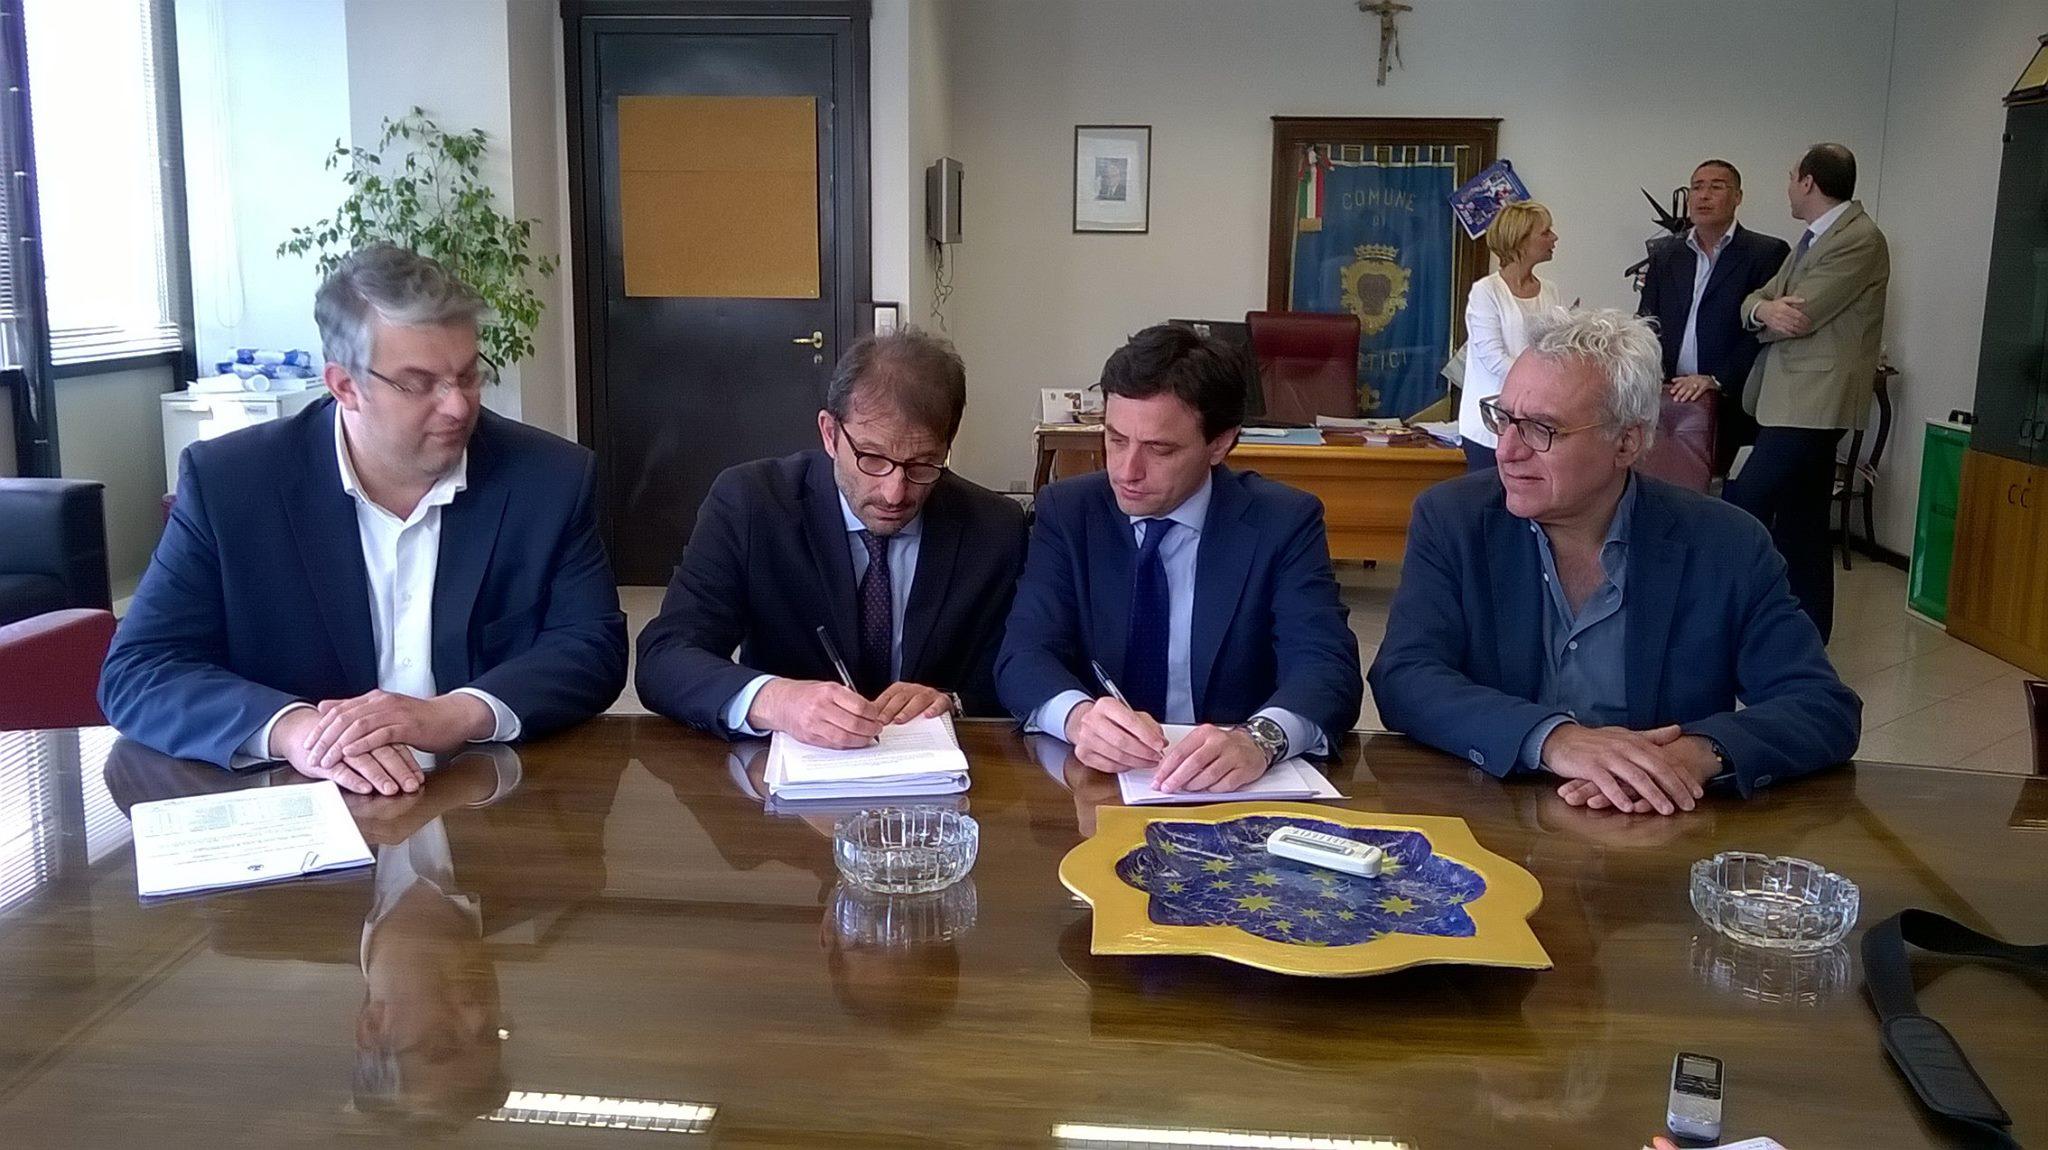 """Portici, San Giorgio a Cremano, Ercolano e San Sebastiano firmano l'adesione alla CUC: """"Un atto importante per la gestione e l'organizzazione delle gare pubbliche nei quattro comuni vesuviani"""""""